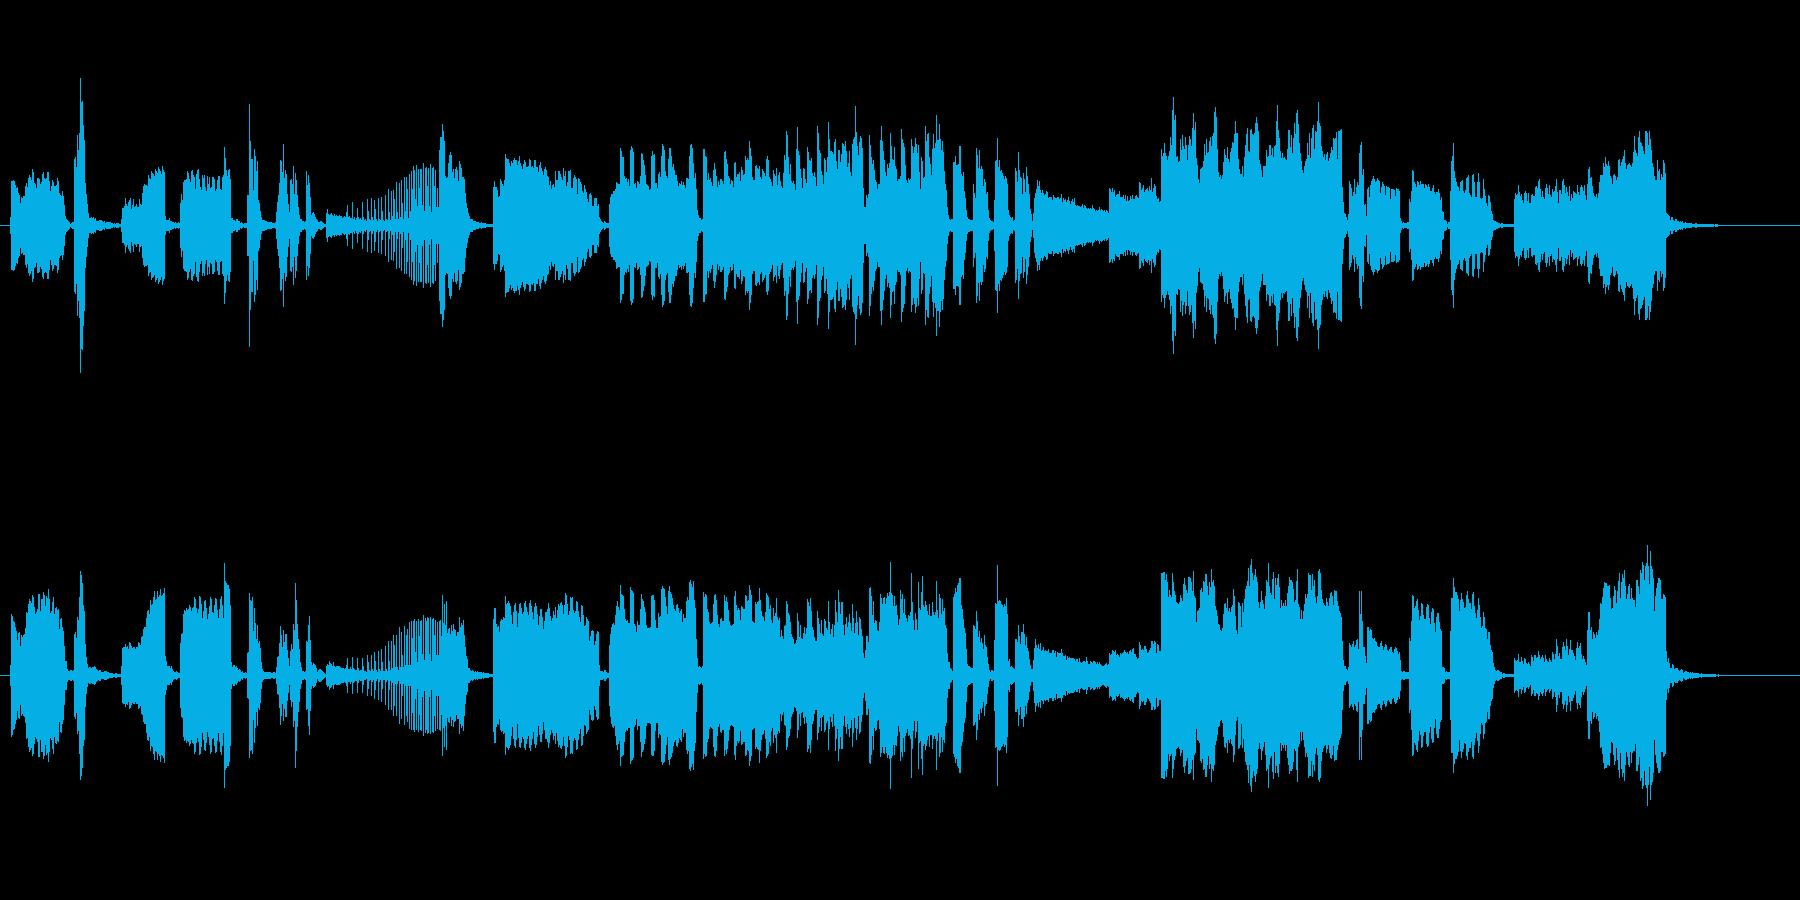 現代音楽風の室内楽曲の再生済みの波形